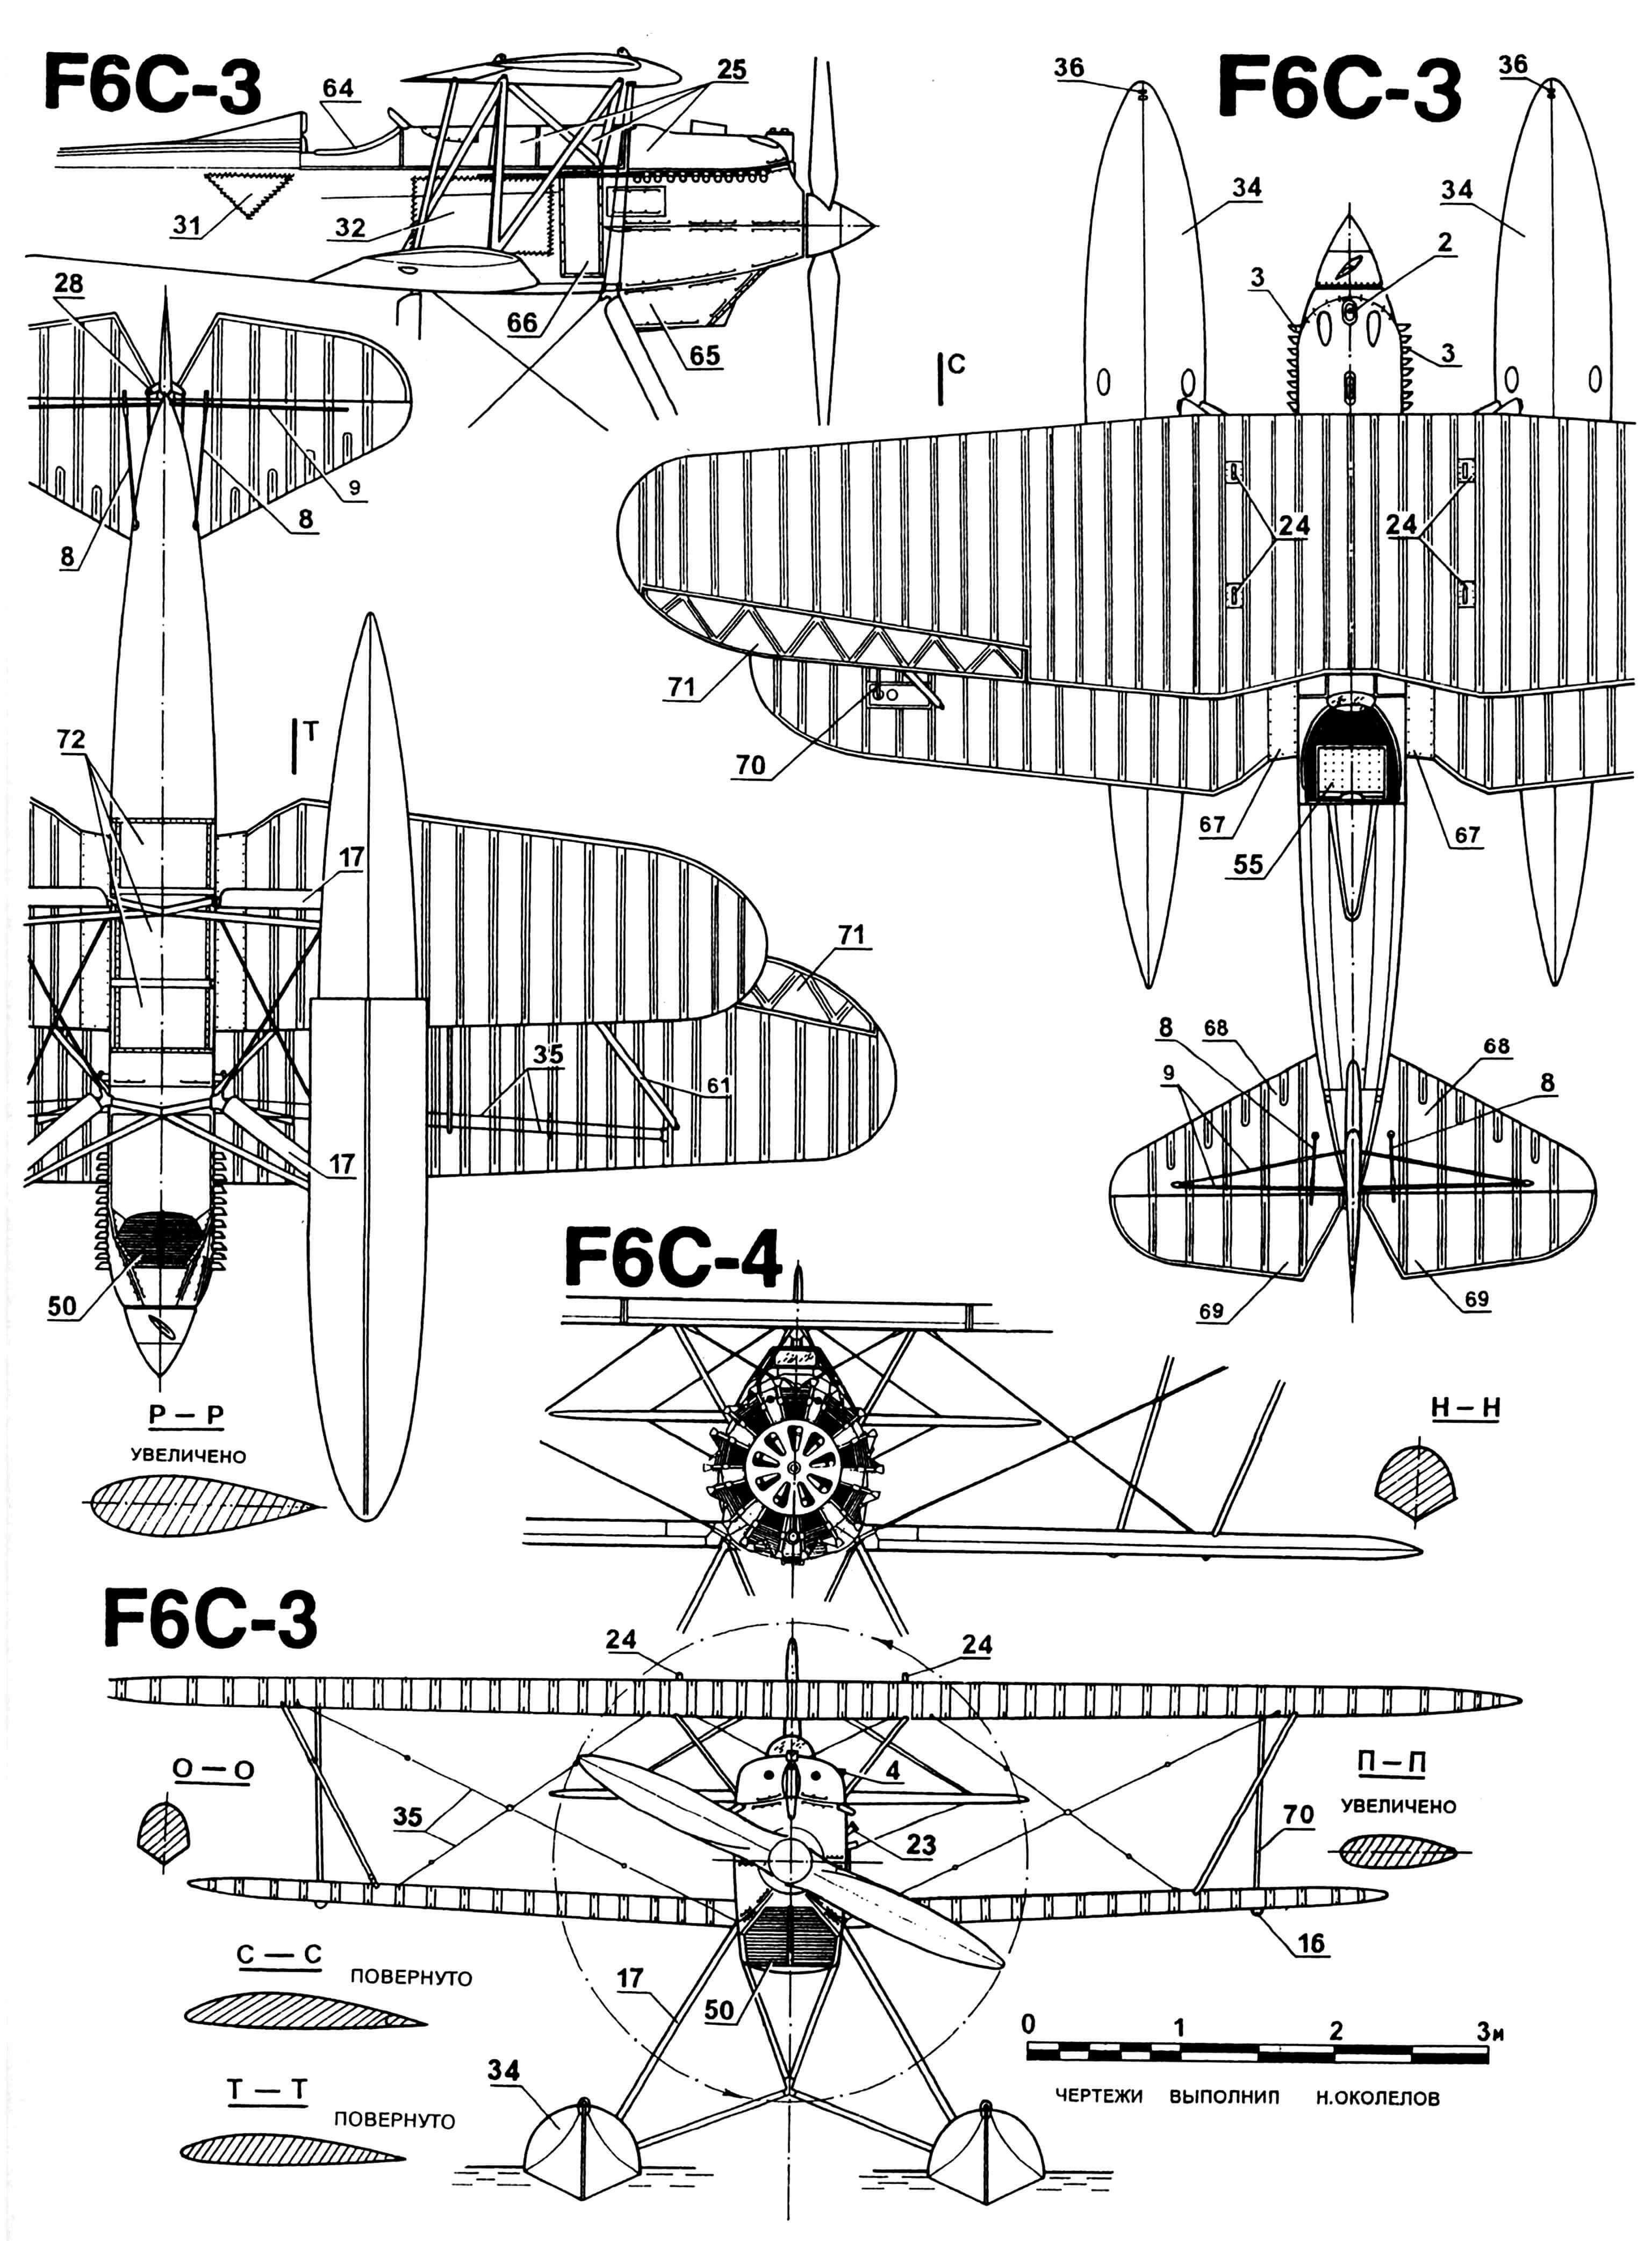 Гидросамолет-истребитель F6C Hawk: 1 — кок винта; 2 — бачок водяной; 3 — патрубки выхлопные; 4 — горловина маслобака; 5 — люк доступа к пулеметам; 6 — заголовник; 7 — люк закабинного отсека, откидной; 8 — тяги руля высоты; 9 — подкосы стабилизатора; 10 — руль направления; 11 — качалки руля высоты; 12,30 — люки доступа к системе управления, откидные; 13 — костыль; 14 — шнуровки люков; 15 — подножка; 16 — обтекатель качалки элерона; 17 — стойки поплавка; 18 — рукоятка запуска двигателя; 19 — отверстие для рукоятки запуска двигателя; 20 — панели двигателя, съемные; 21 —винт постоянного шага, стальной; 22 — порт пулеметный; 23 — горловина бензобака; 24 — серьги для подъема краном; 25,32,60,66,72 — люки эксплуатационные; 26 — козырек кабины; 27 — узлы подвески руля направления; 28 — качалка руля направления; 29 — тяга руля направления; 31 — люки доступа в закабинный отсек; 33 — расчалки стоек поплавков; 34 — поплавок; 35 — расчалки крыла, ленточные; 36 — серьги швартовные; 37 — набор руля направления, силовой; 38 — набор киля, силовой; 39 — рычаг управления заслонками радиатора; 40 — рычаг управления двигателем; 41 — ручка управления рулем высоты и элеронами; 42 — доска приборная; 43 — пулемет; 44 — ящик патронный; 45 — нервюра верхнего крыла; 46 — маслобак; 47 — двигатель «Кертисс» D-12C; 48 — труба пулемета, удлинительная; 49 — моторама; 50 — жалюзи радиатора; 51 — радиатор; 52 — бензобак; 53 — педали управления; 54 — нервюра нижнего крыла; 55 — сиденье пилота; 56 — сумка с инструментом и аварийным запасом; 57 — набор фюзеляжа, силовой; 58 — расчалки фюзеляжа; 59 — двигатель «Уосп» R1314 фирмы «Пратт энд Уитни»; 61 — подкосы крыла; 62,65 — панели радиатора, съемные; 63 — ребро жесткости поплавка; 64 — обивка борта кабины, мягкая; 67 — накладки усиливающие; 68 — лопасти стабилизатора; 69 — рули высоты; 70 — тяга элерона; 71 — элерон.